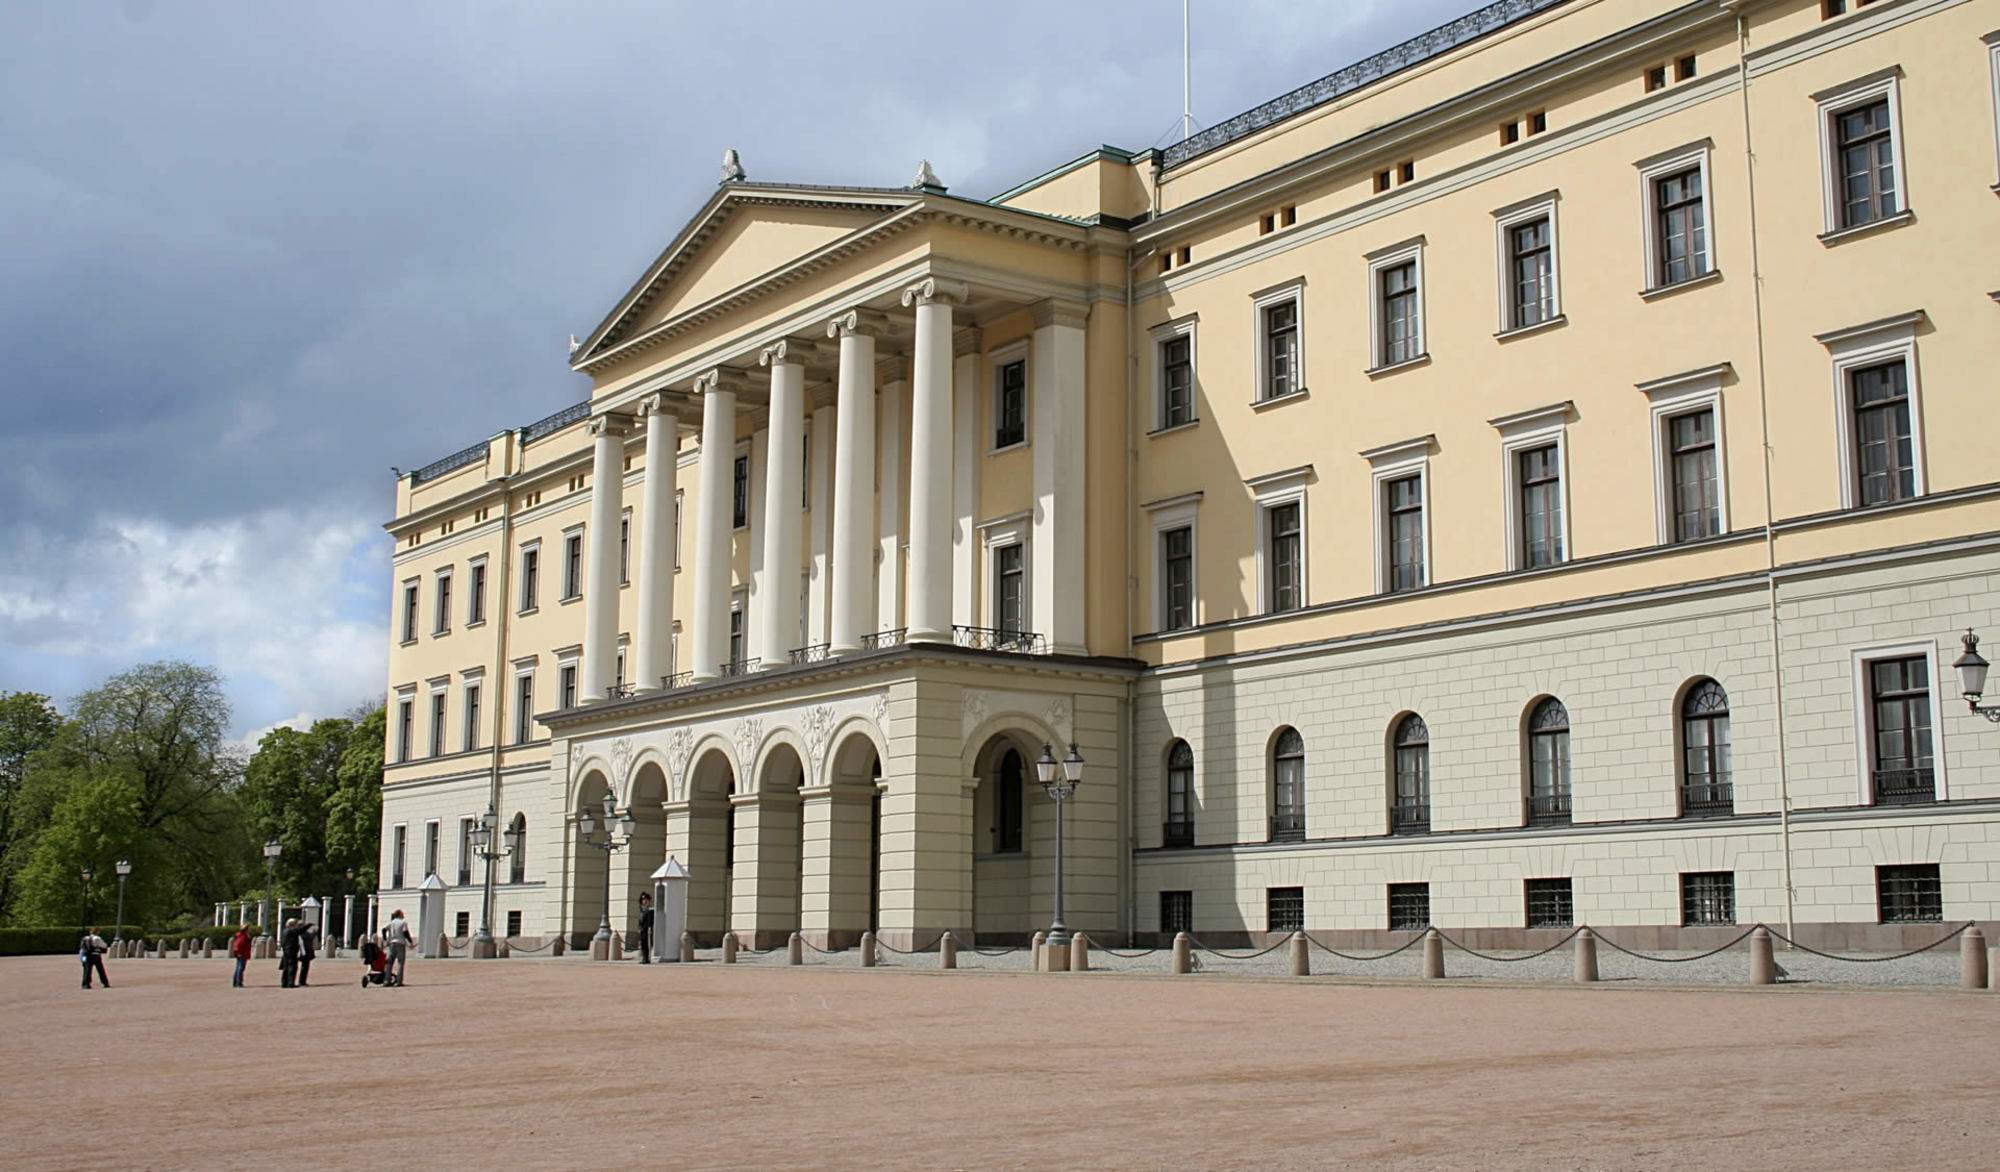 Du finner mange flinke hud- og velvære salonger i Oslo-området.